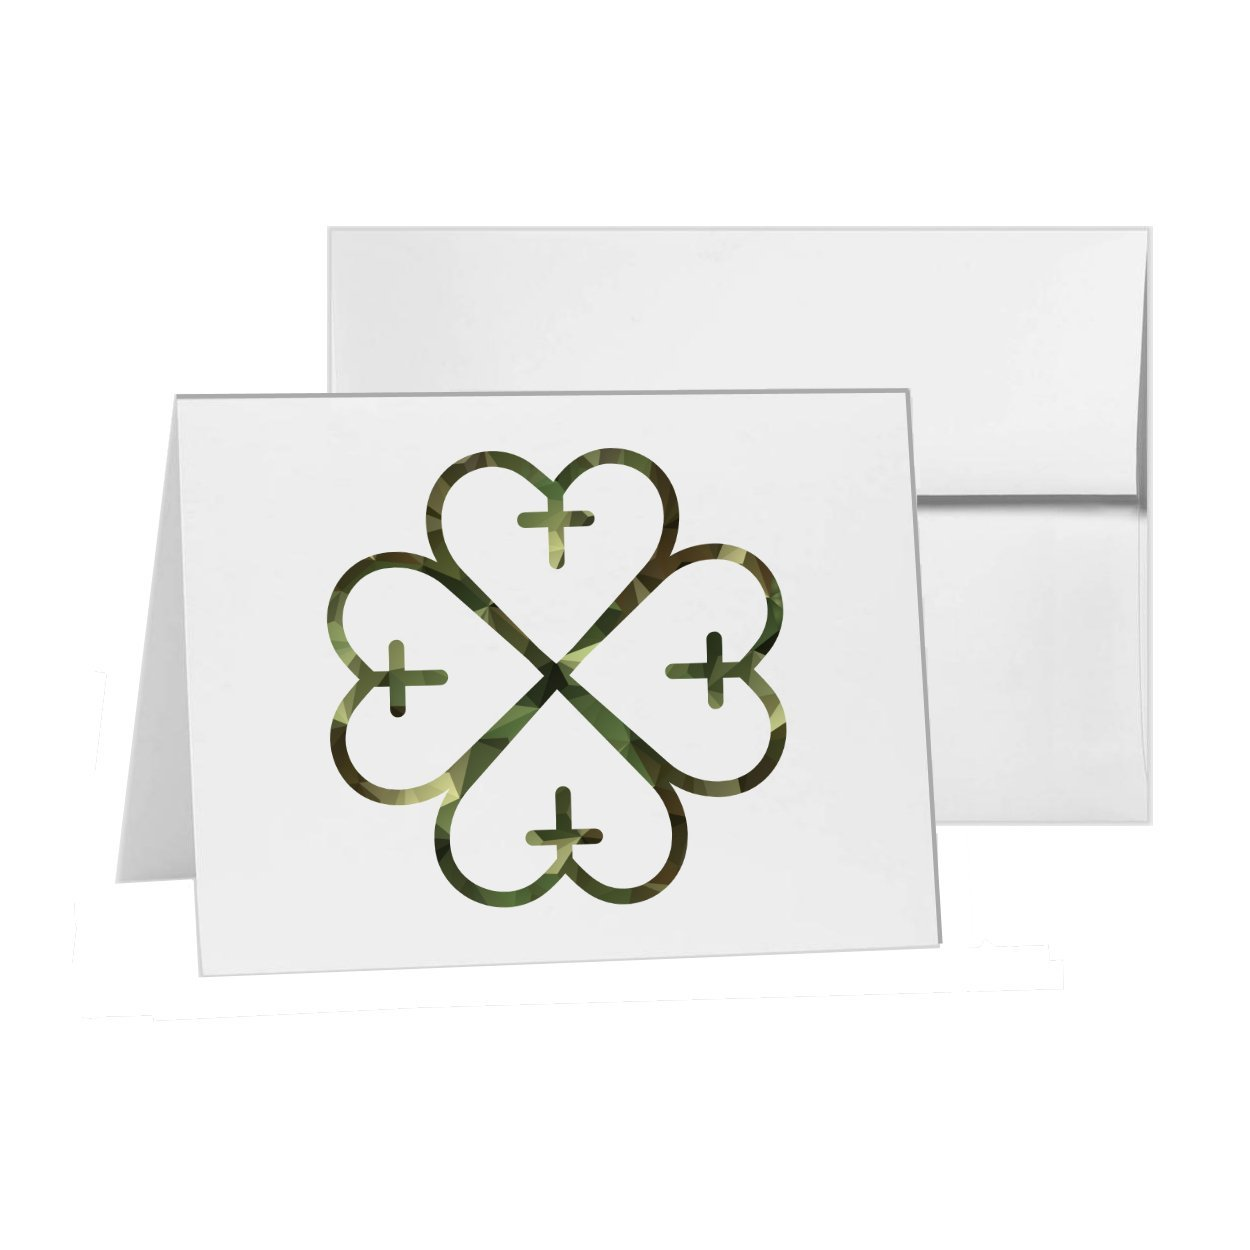 Gods 保護サイン 保護プロテクター 宗教 白紙カード 招待状パック カード15枚4×6インチ 白封筒付き 商品994200 B07CN9P4KV